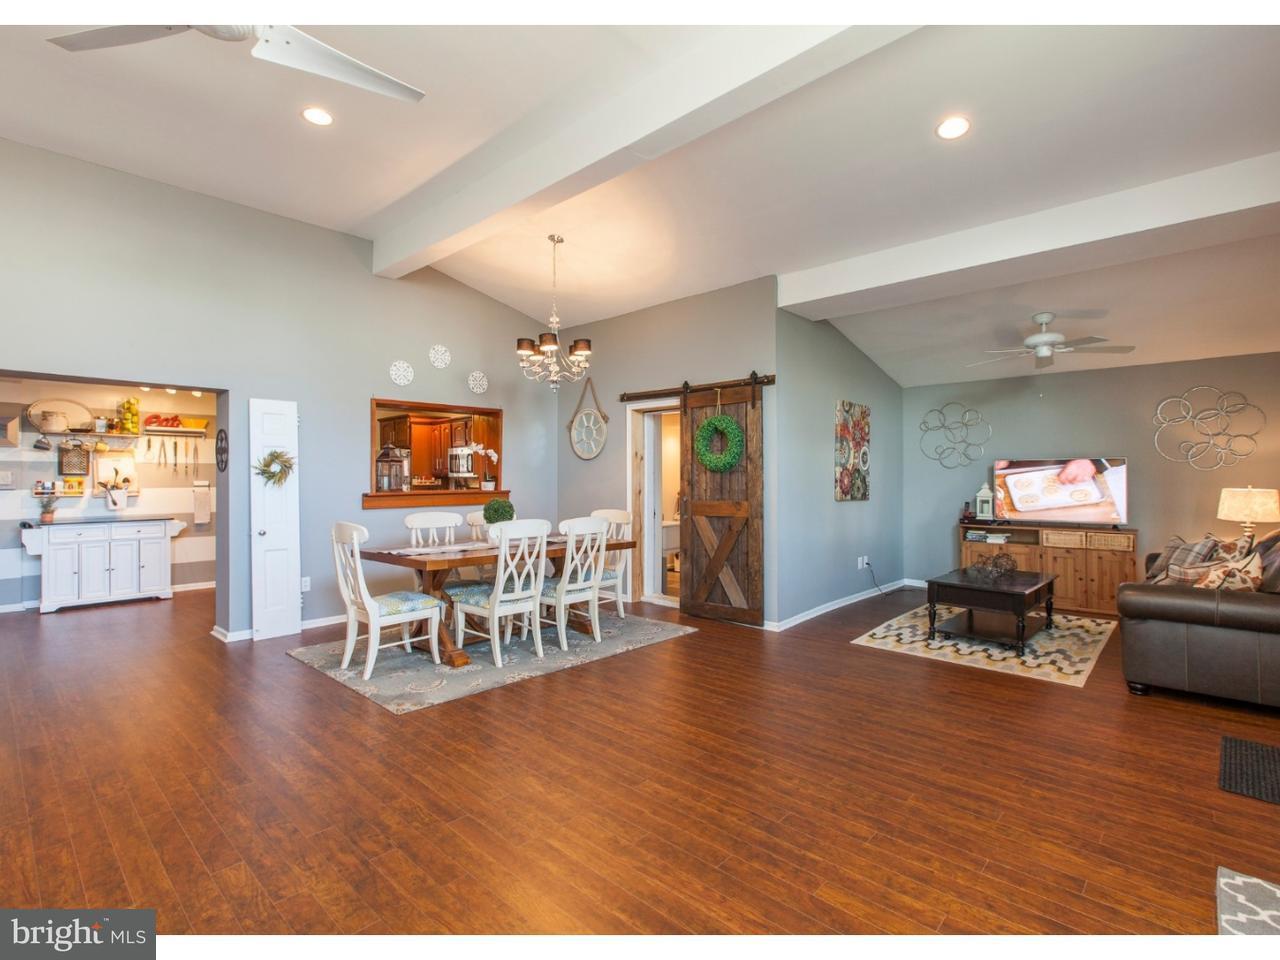 2025  Woodside Broomall , PA 19008